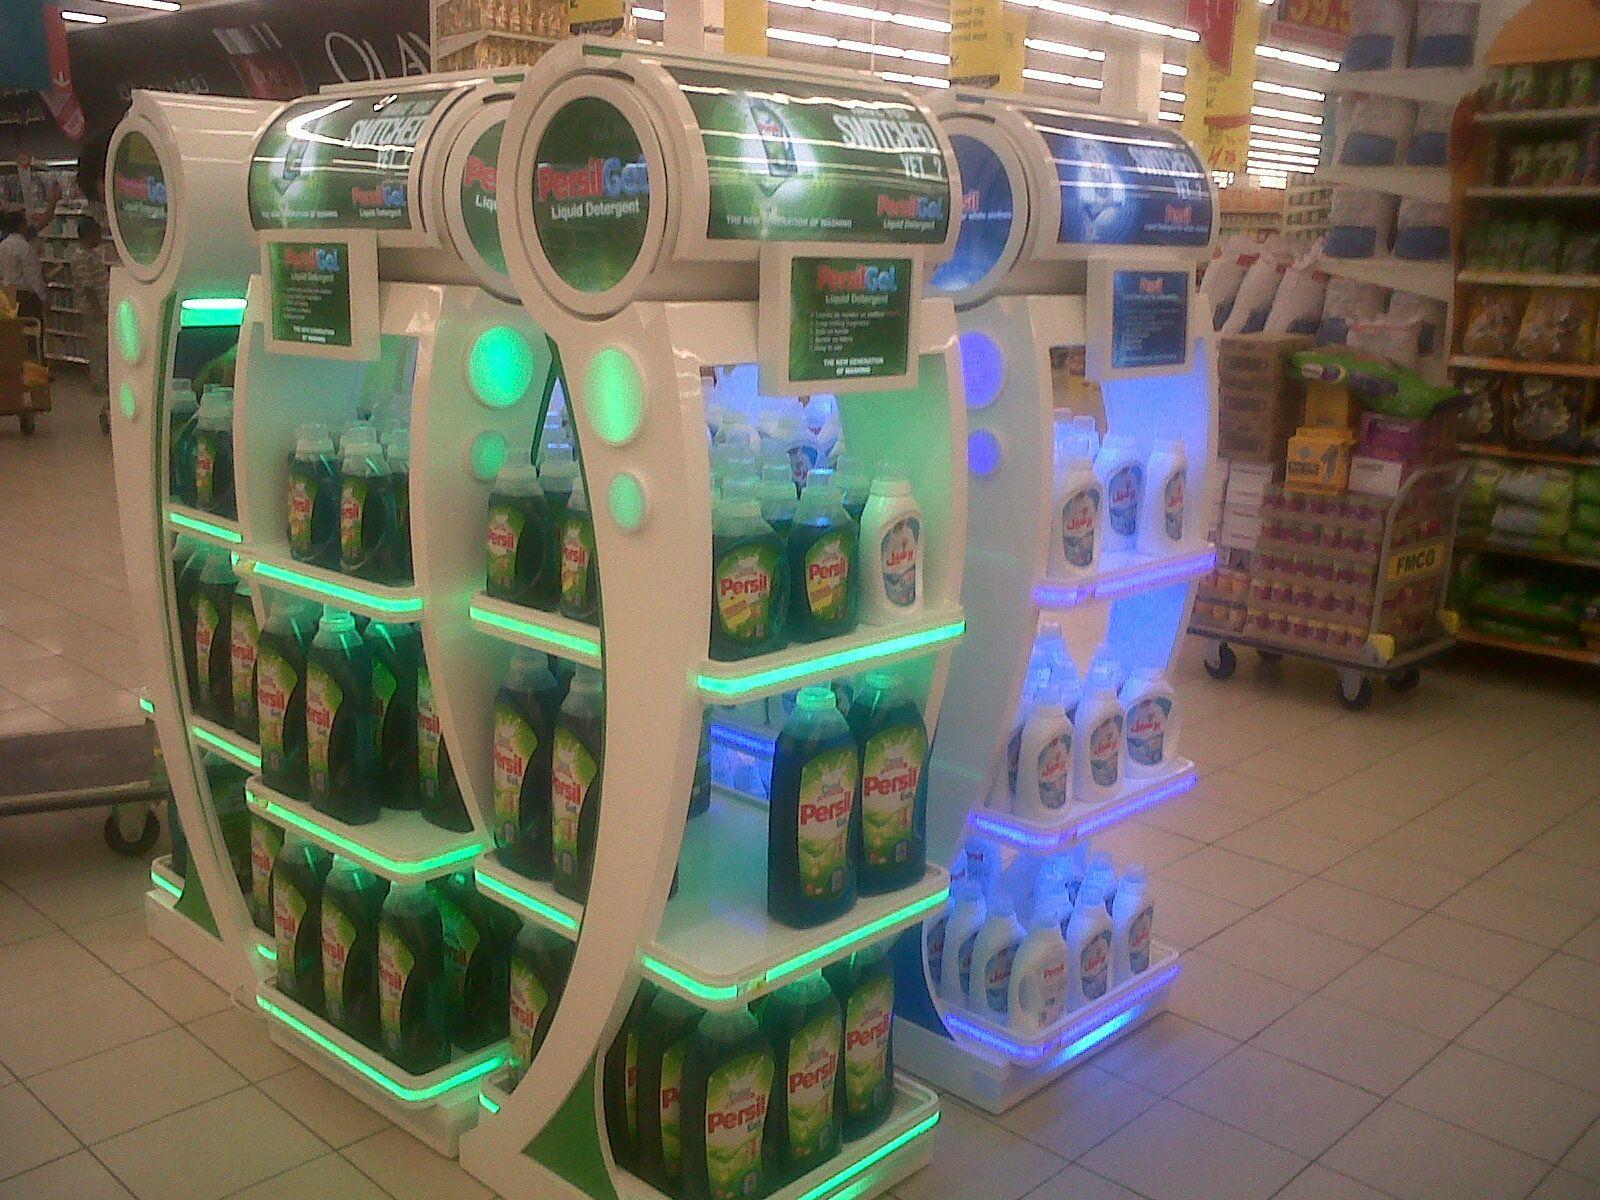 Ampoule laureen luhn design graphique -  Persil